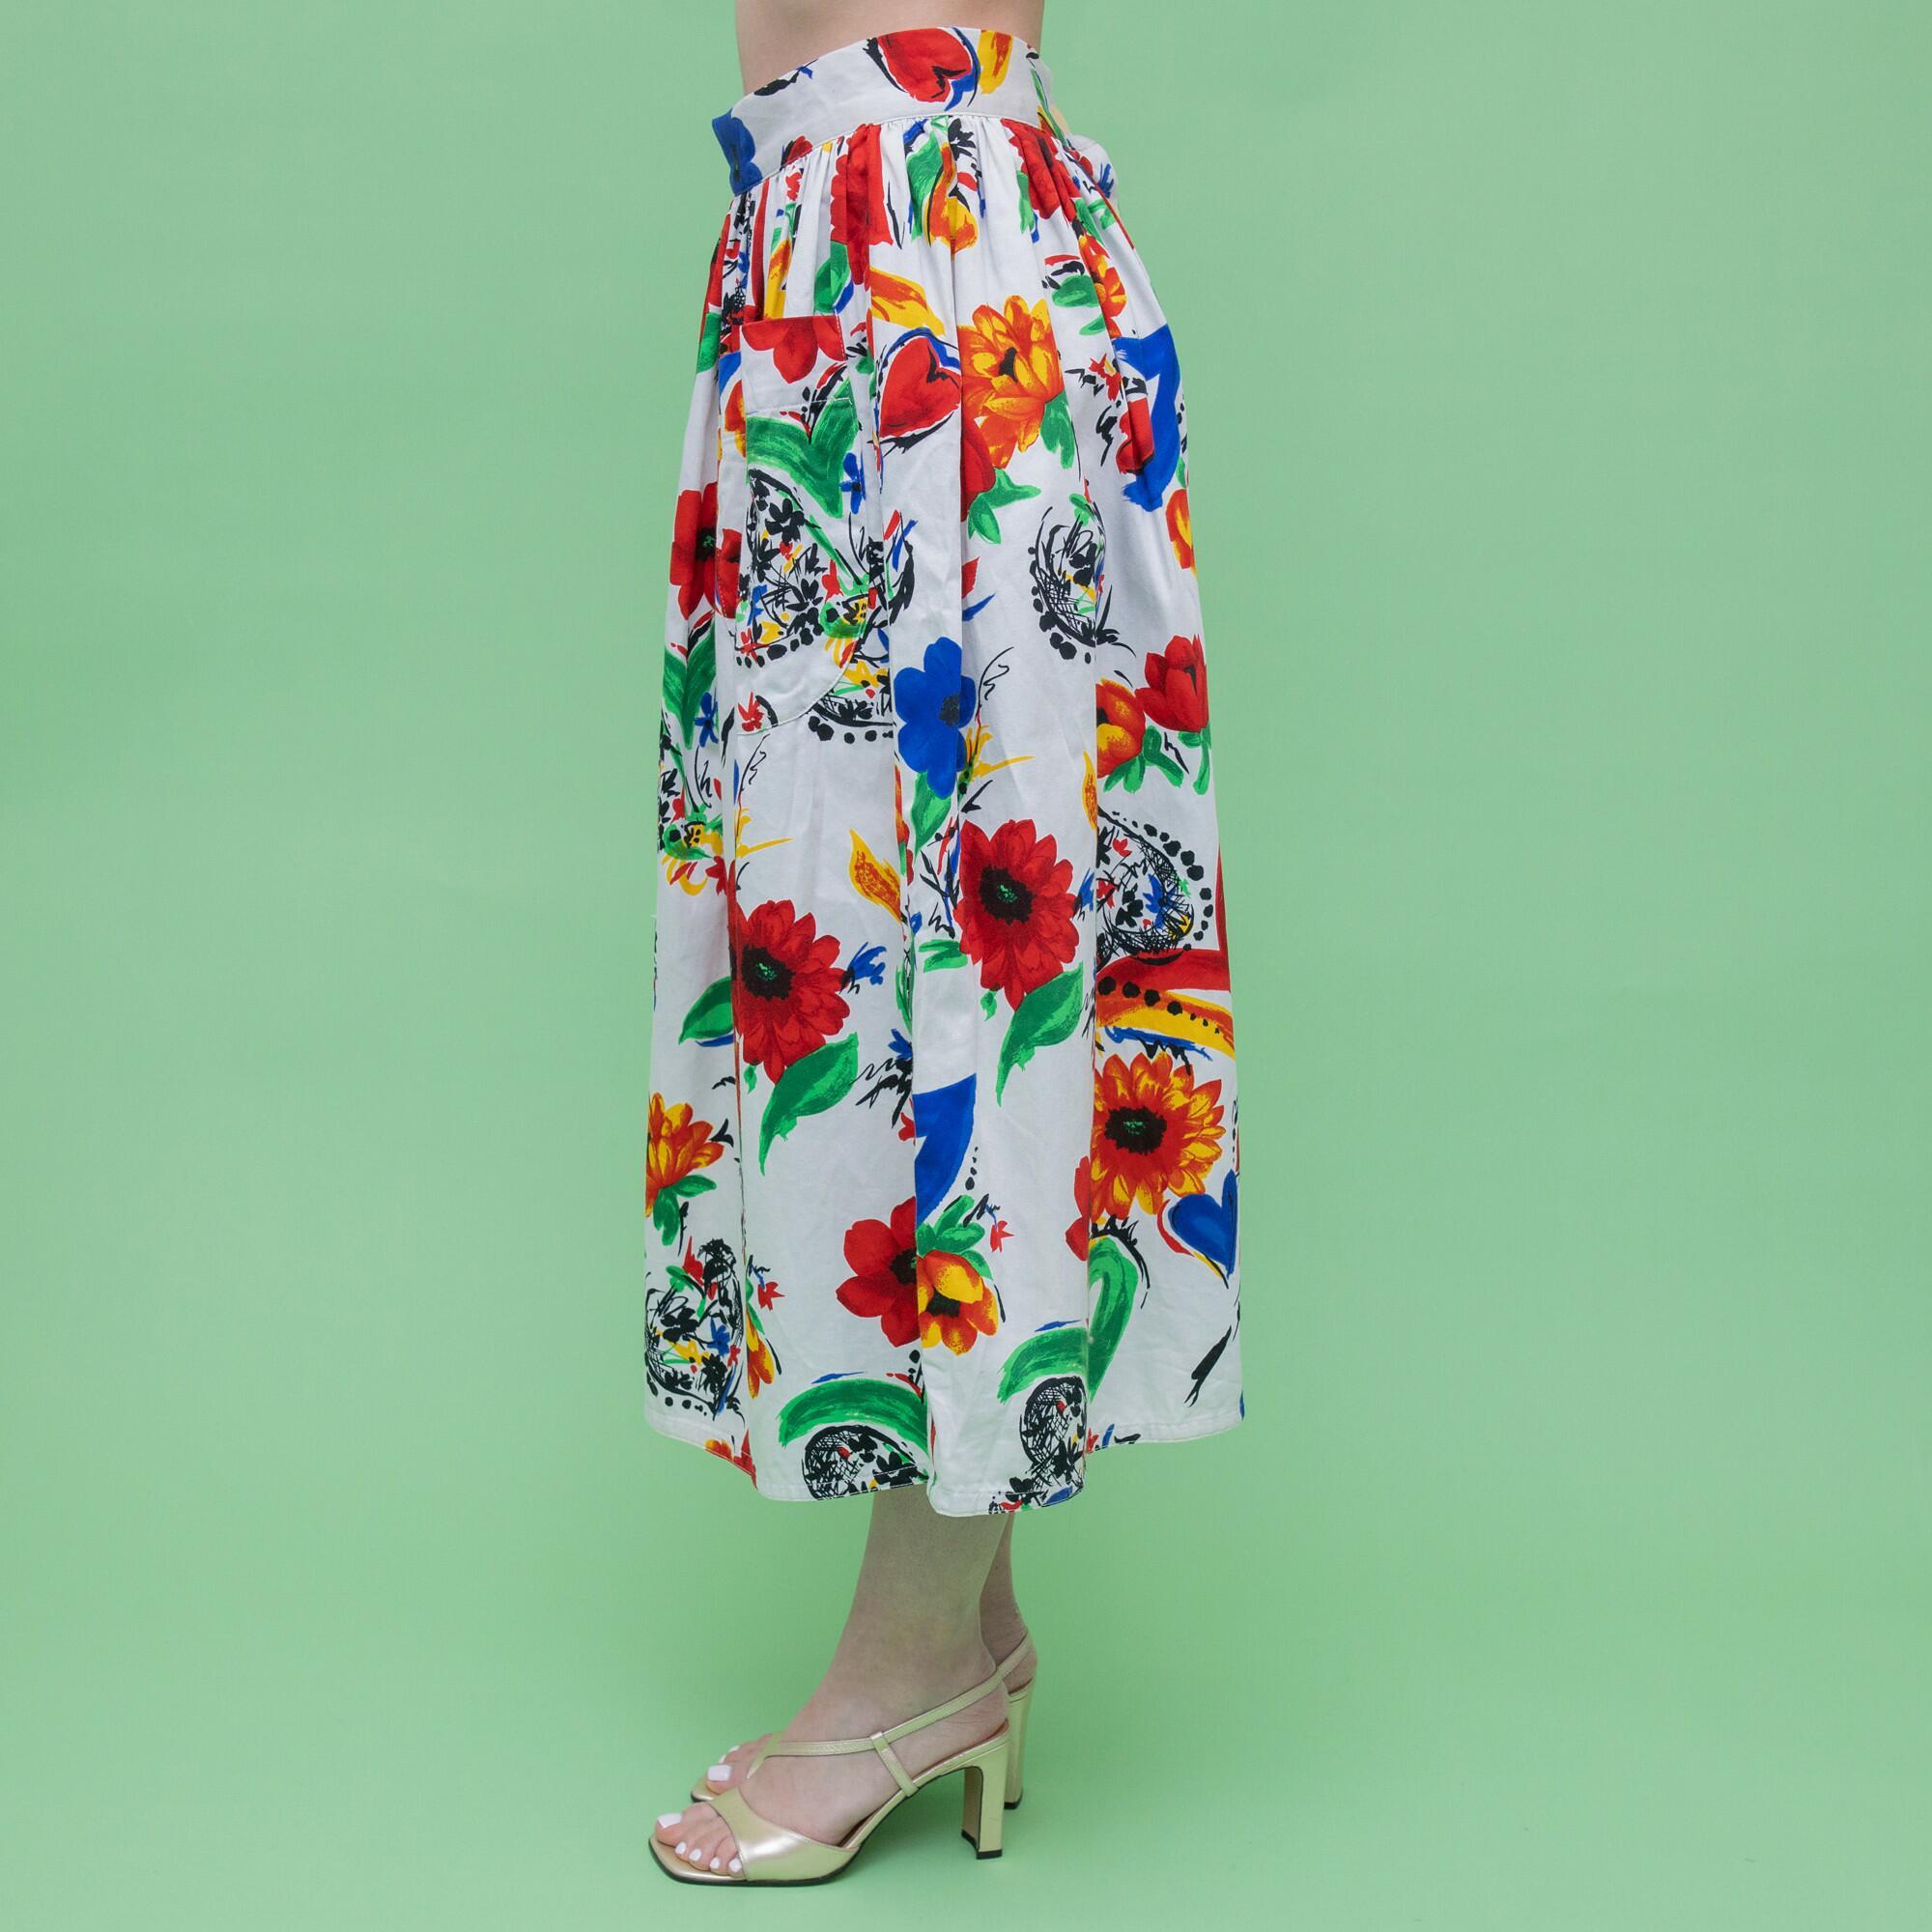 Biała spódnica w kwiatowy wzór rozmiar - KEX Vintage Store | JestemSlow.pl